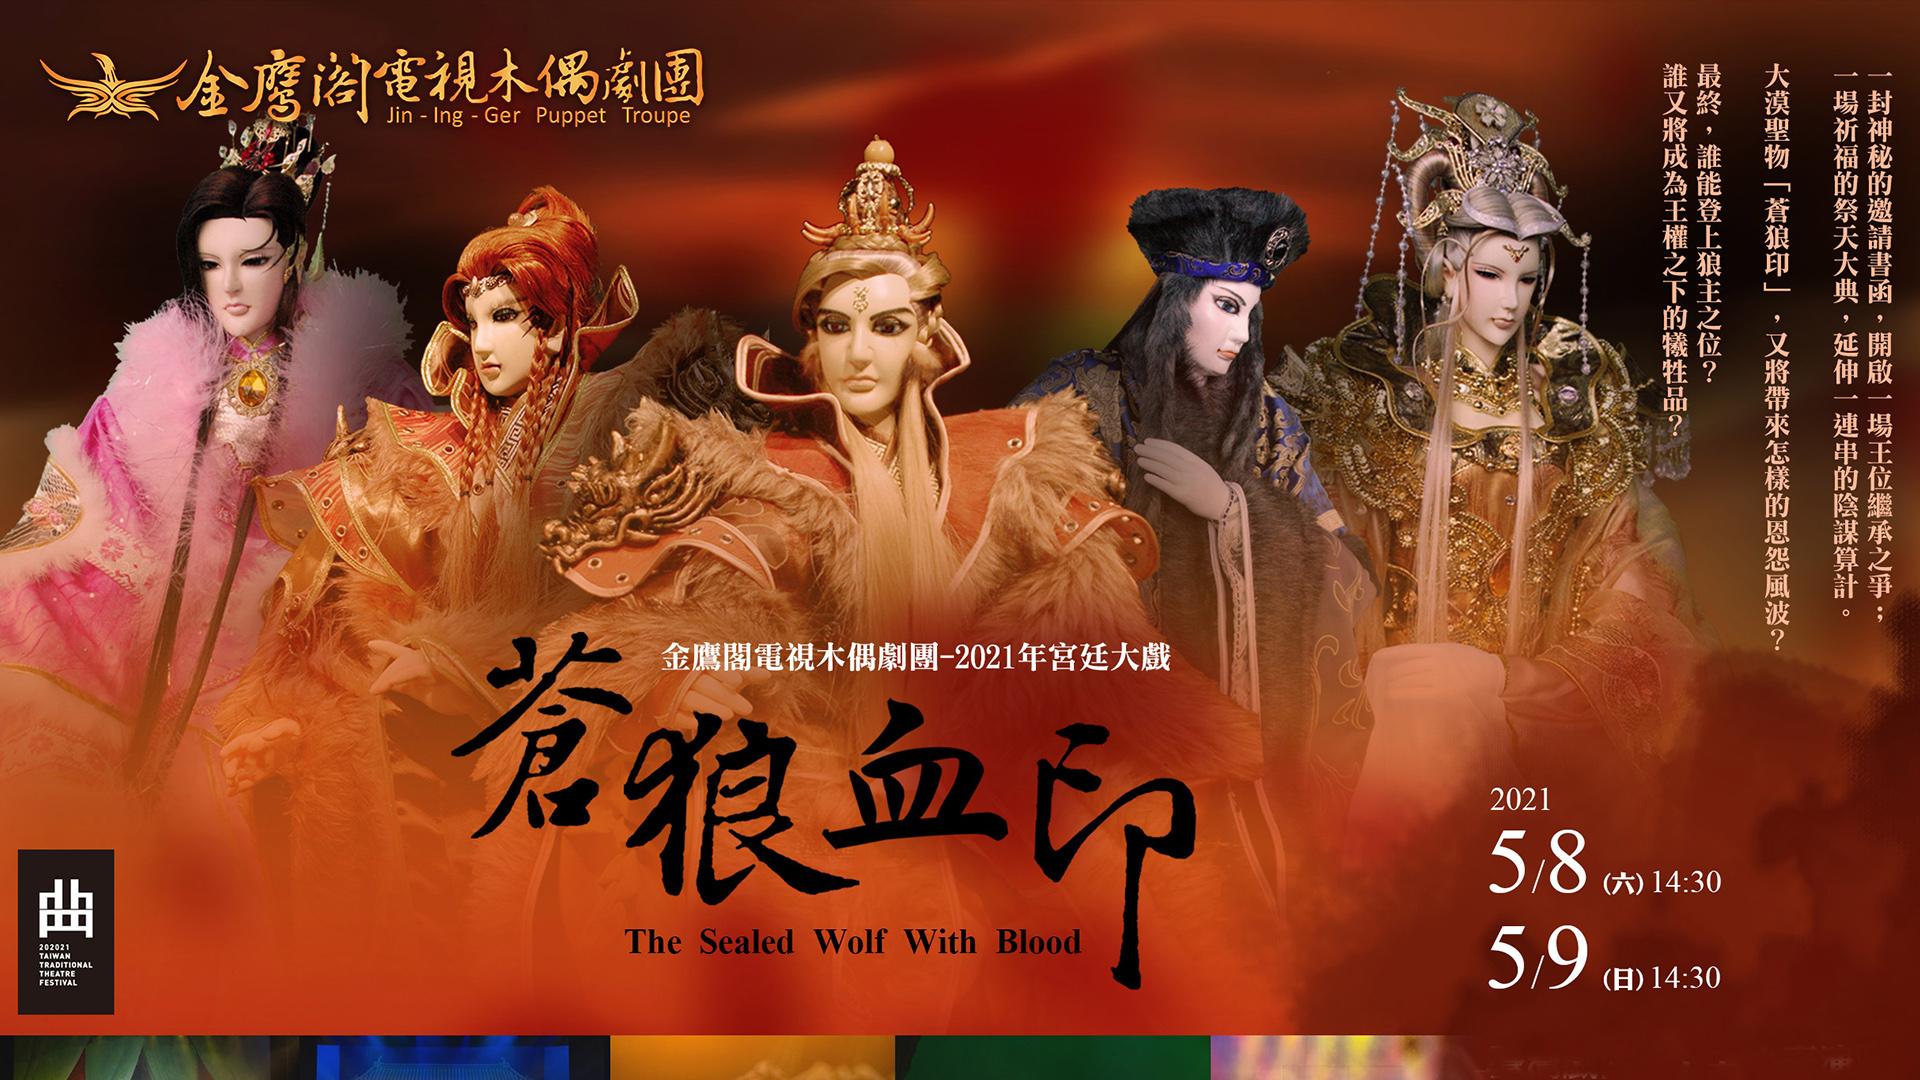 《蒼狼血印》金鷹閣電視木偶劇團|202021臺灣戲曲藝術節